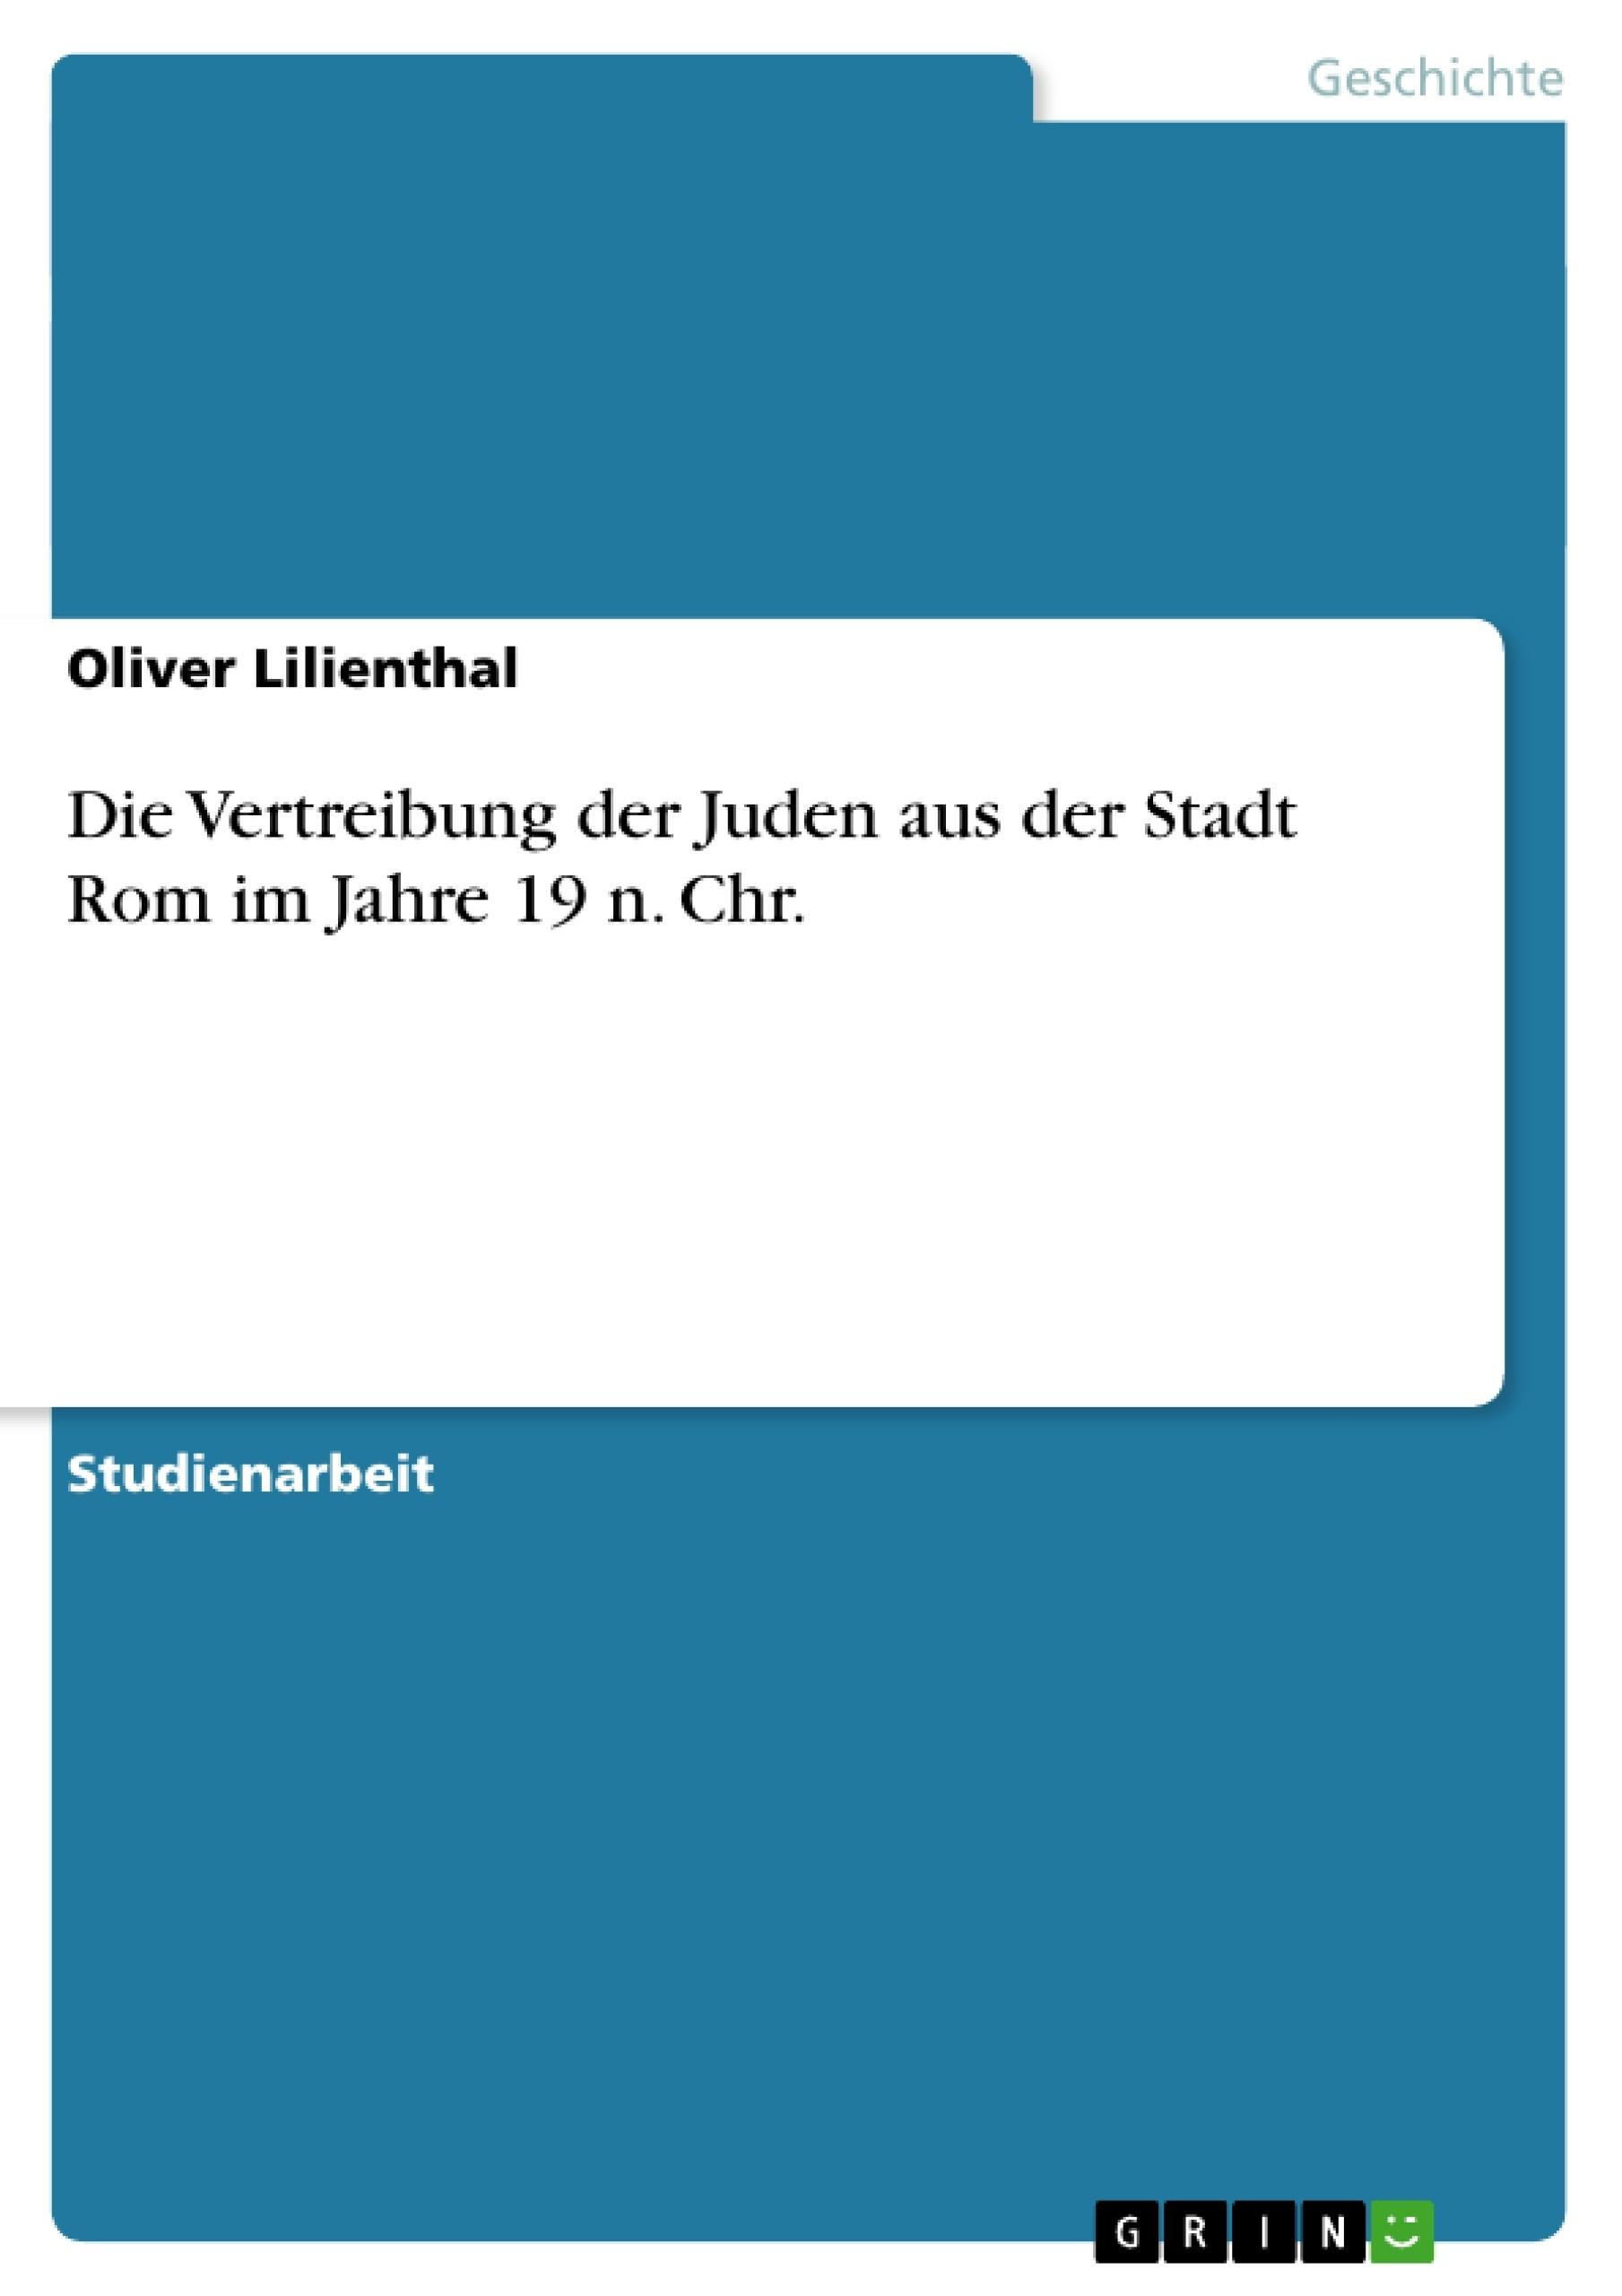 Titel: Die Vertreibung der Juden aus der Stadt Rom im Jahre 19 n. Chr.